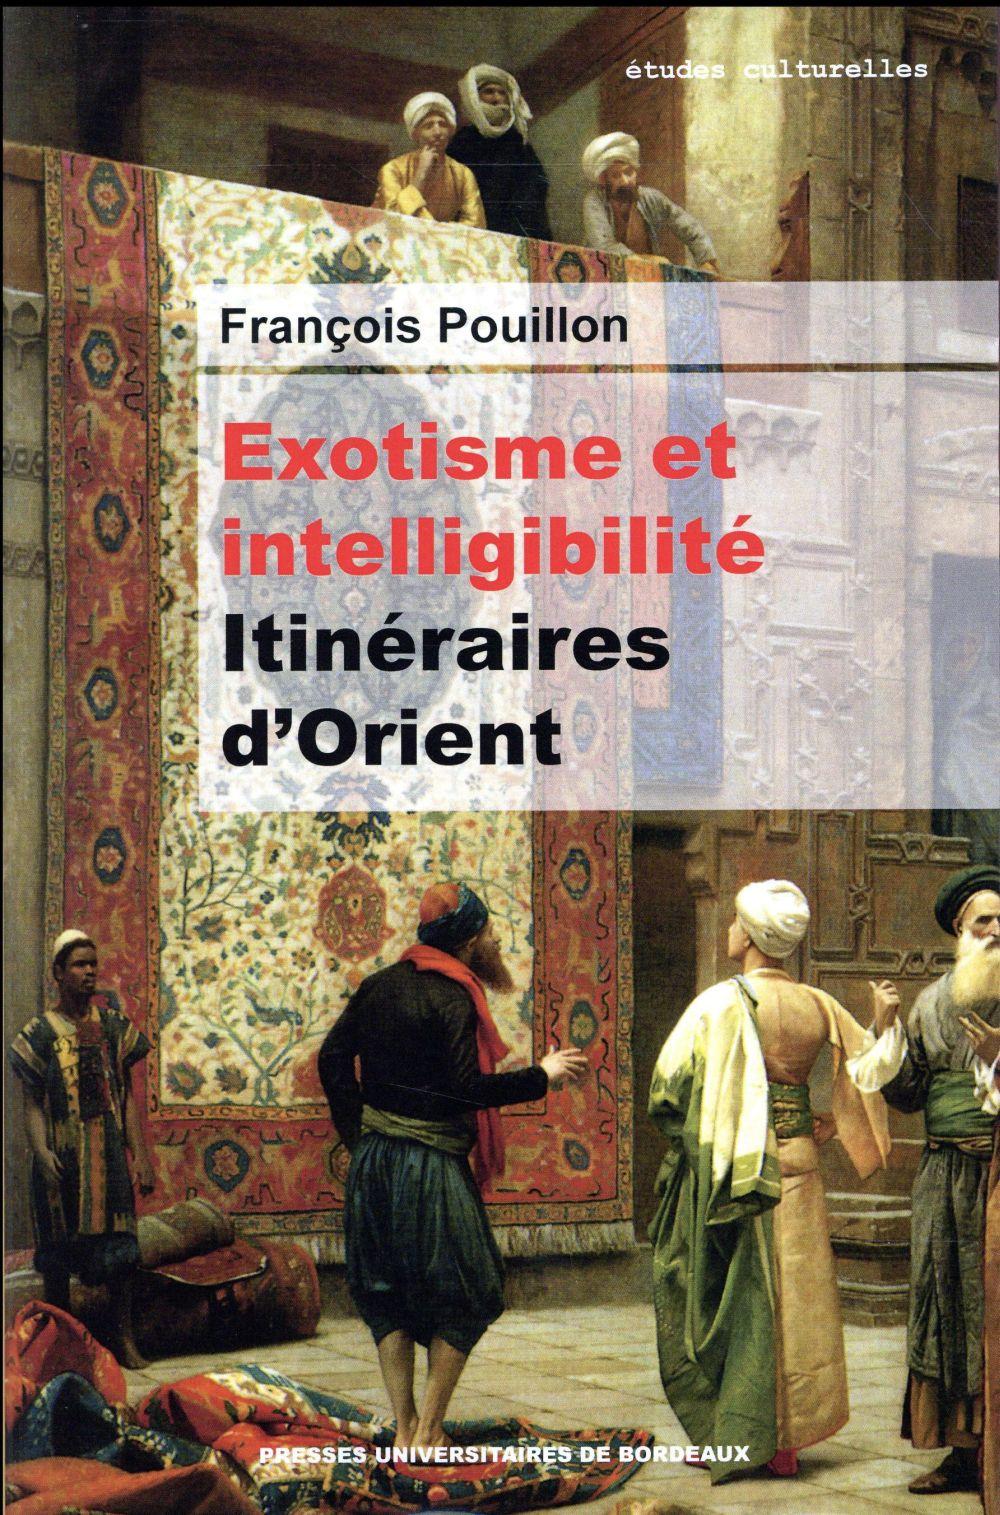 EXOTISME ET INTELLIGIBILITE - ITINERAIRES D'ORIENT